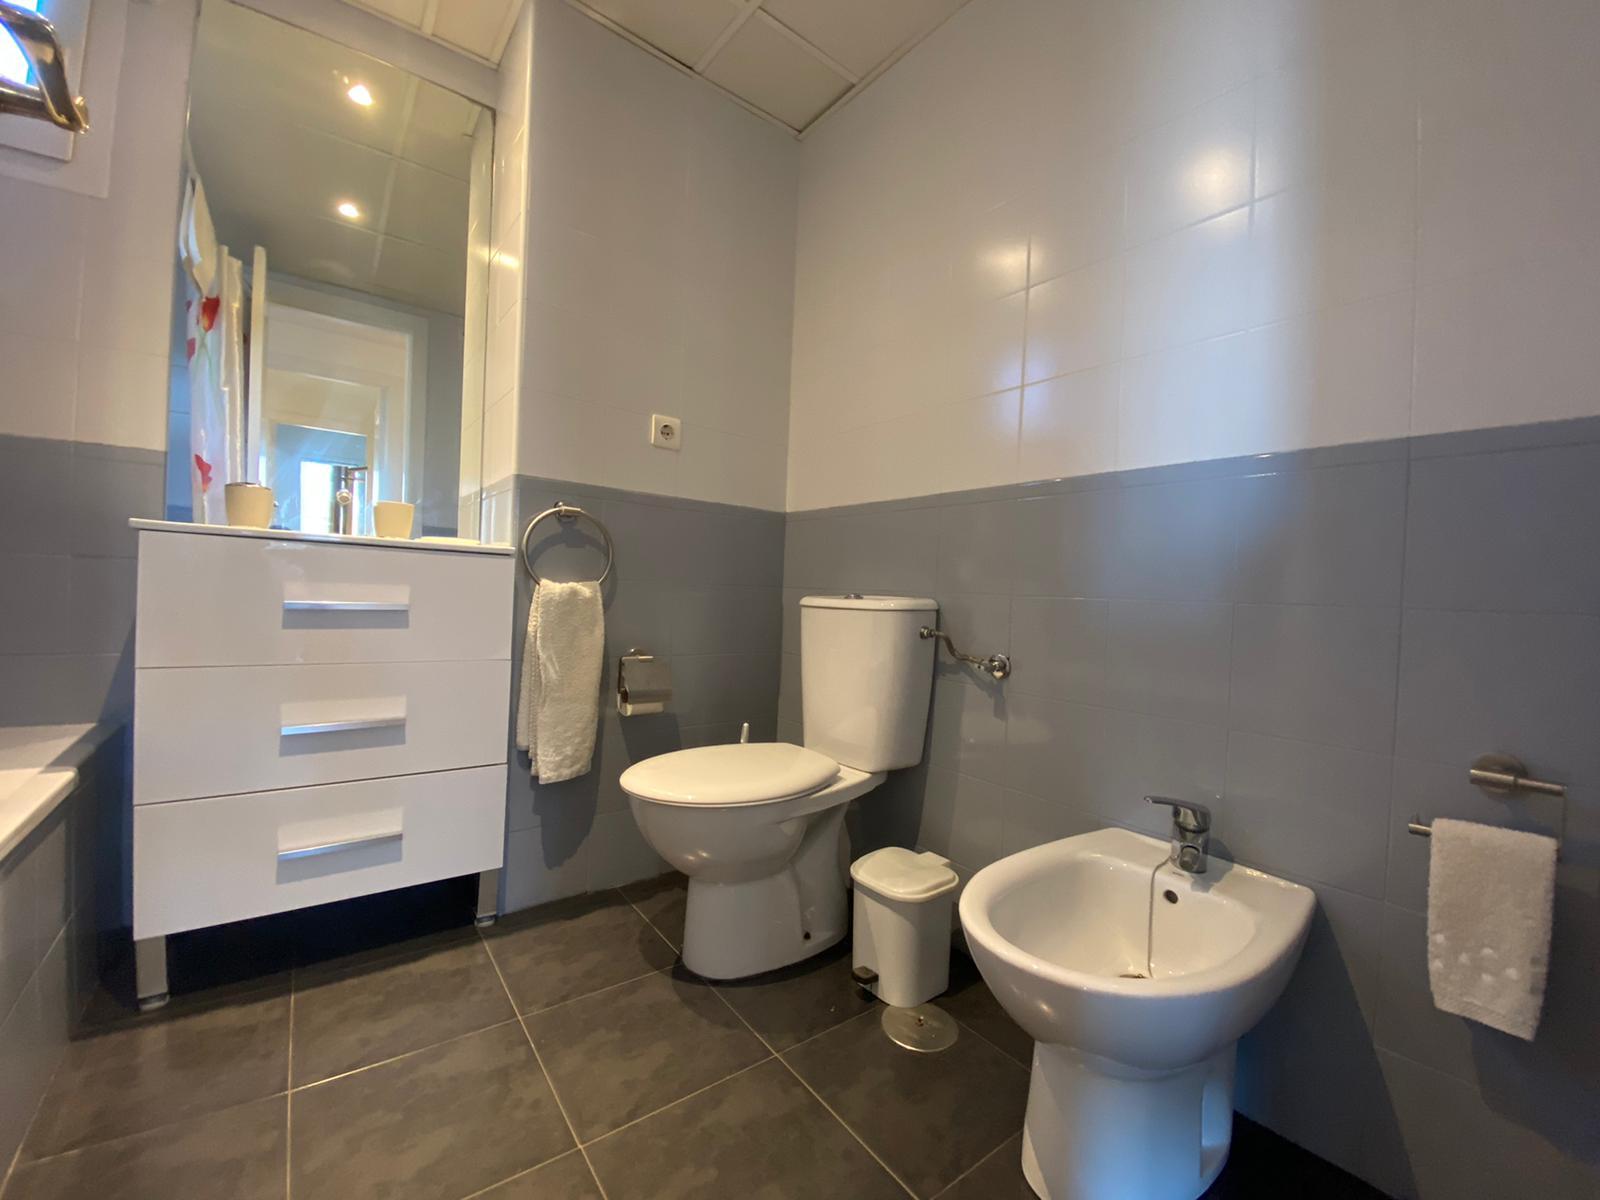 Imagen 32 del Apartamento Turístico, Ático 4 Levante, Frontal (4d+2b), Punta del Moral (HUELVA), Paseo de la Cruz nº22